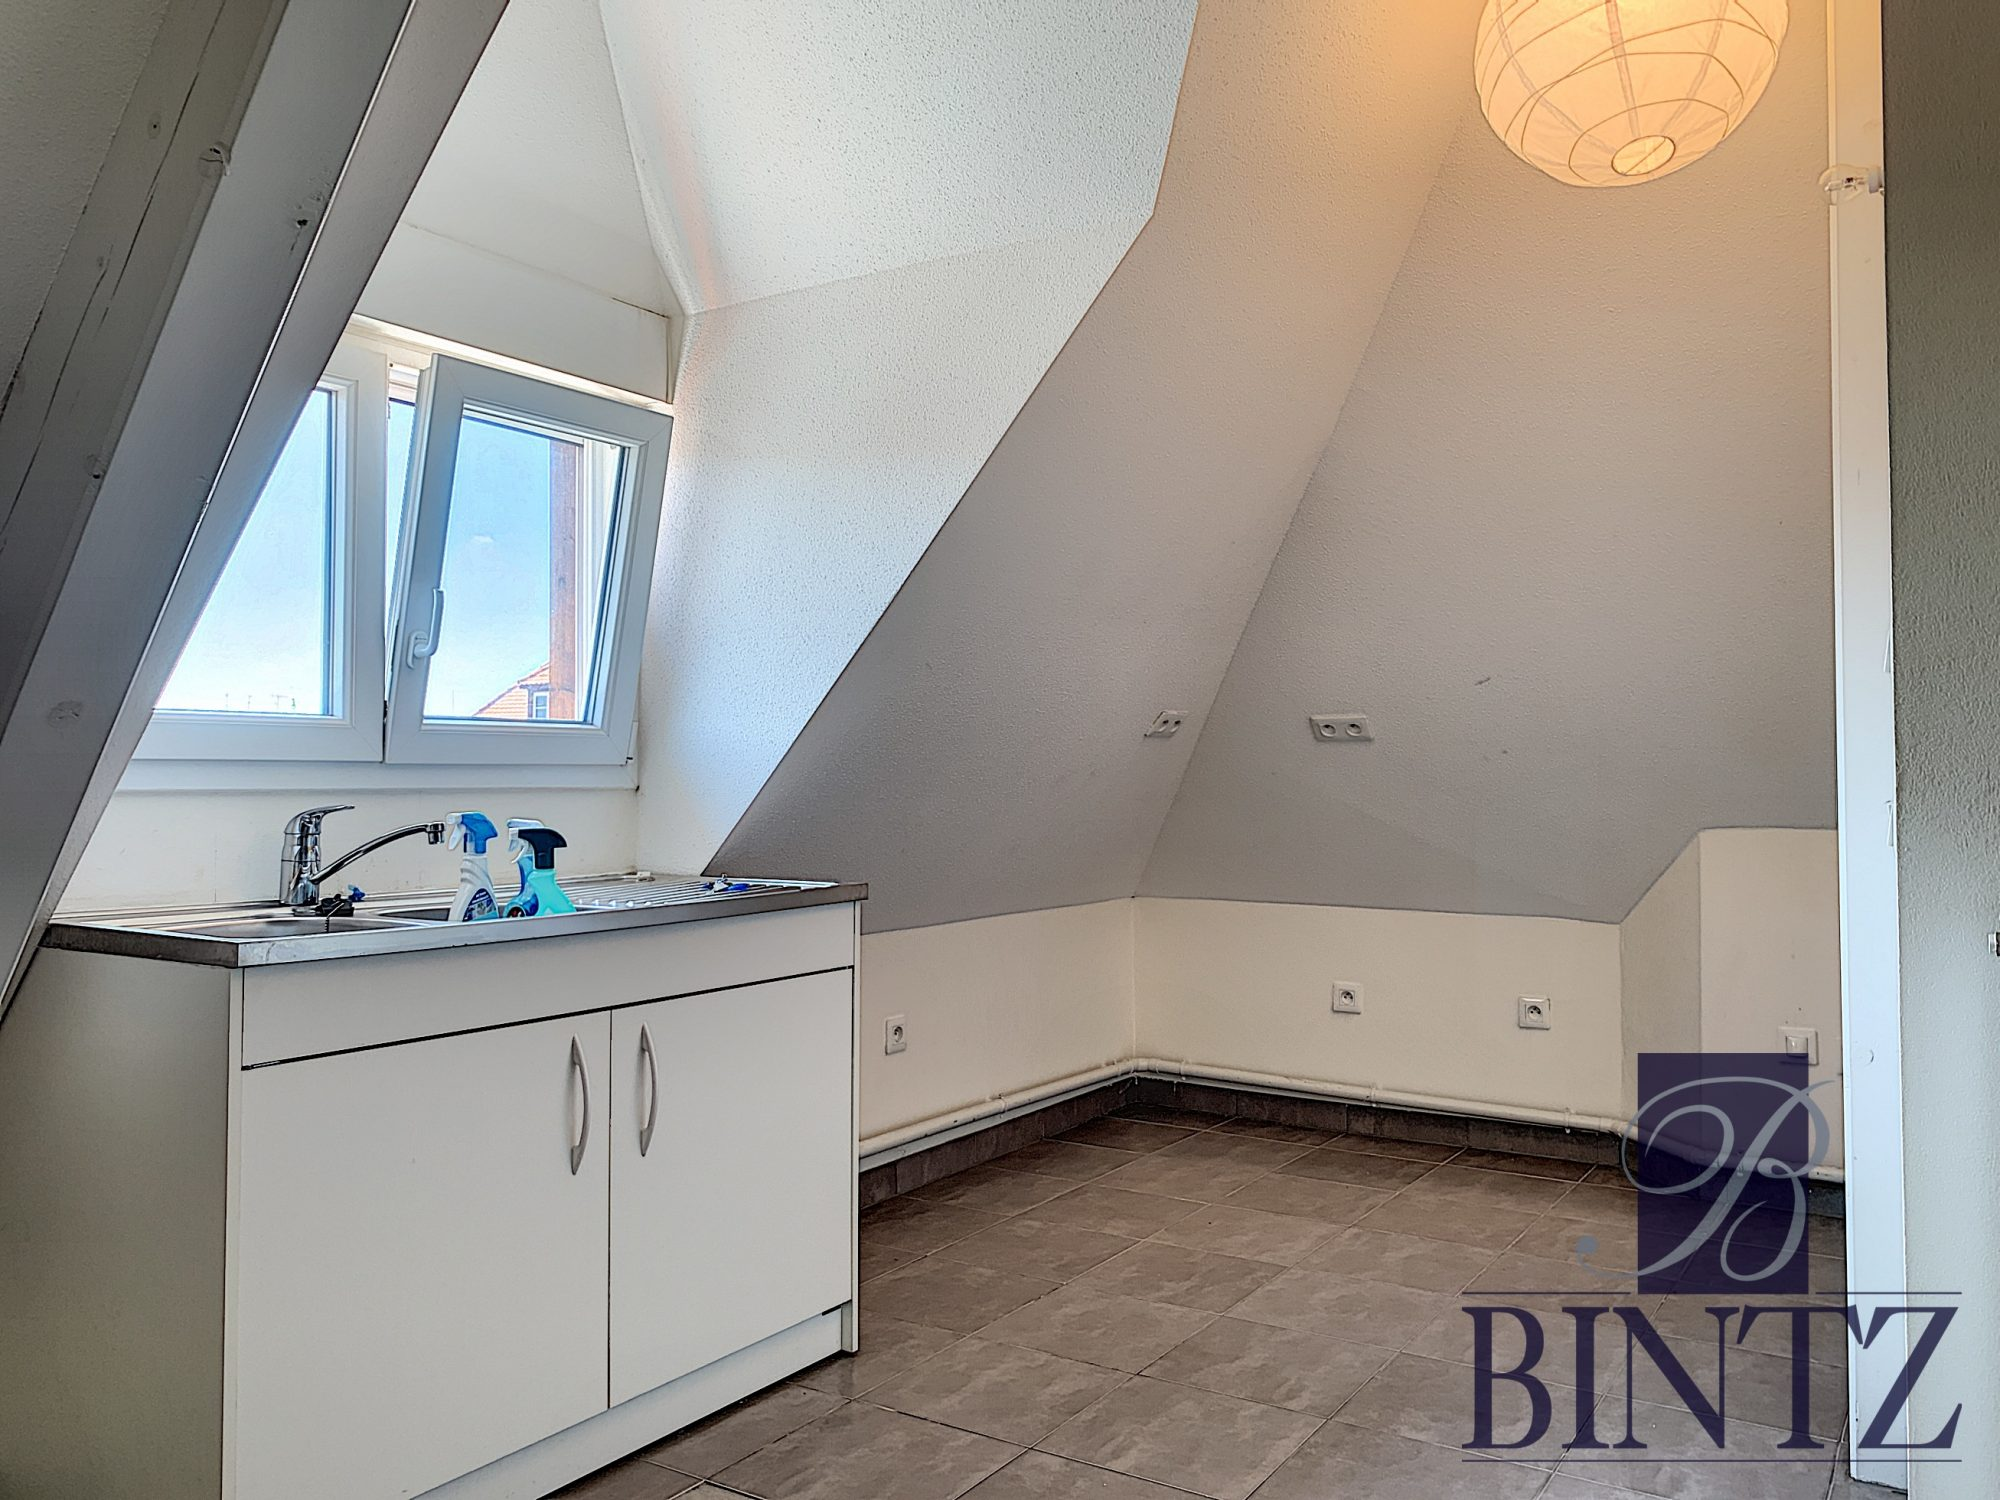 2 PIÈCES AVEC PARKING SCHILTIGHEIM - Devenez locataire en toute sérénité - Bintz Immobilier - 6